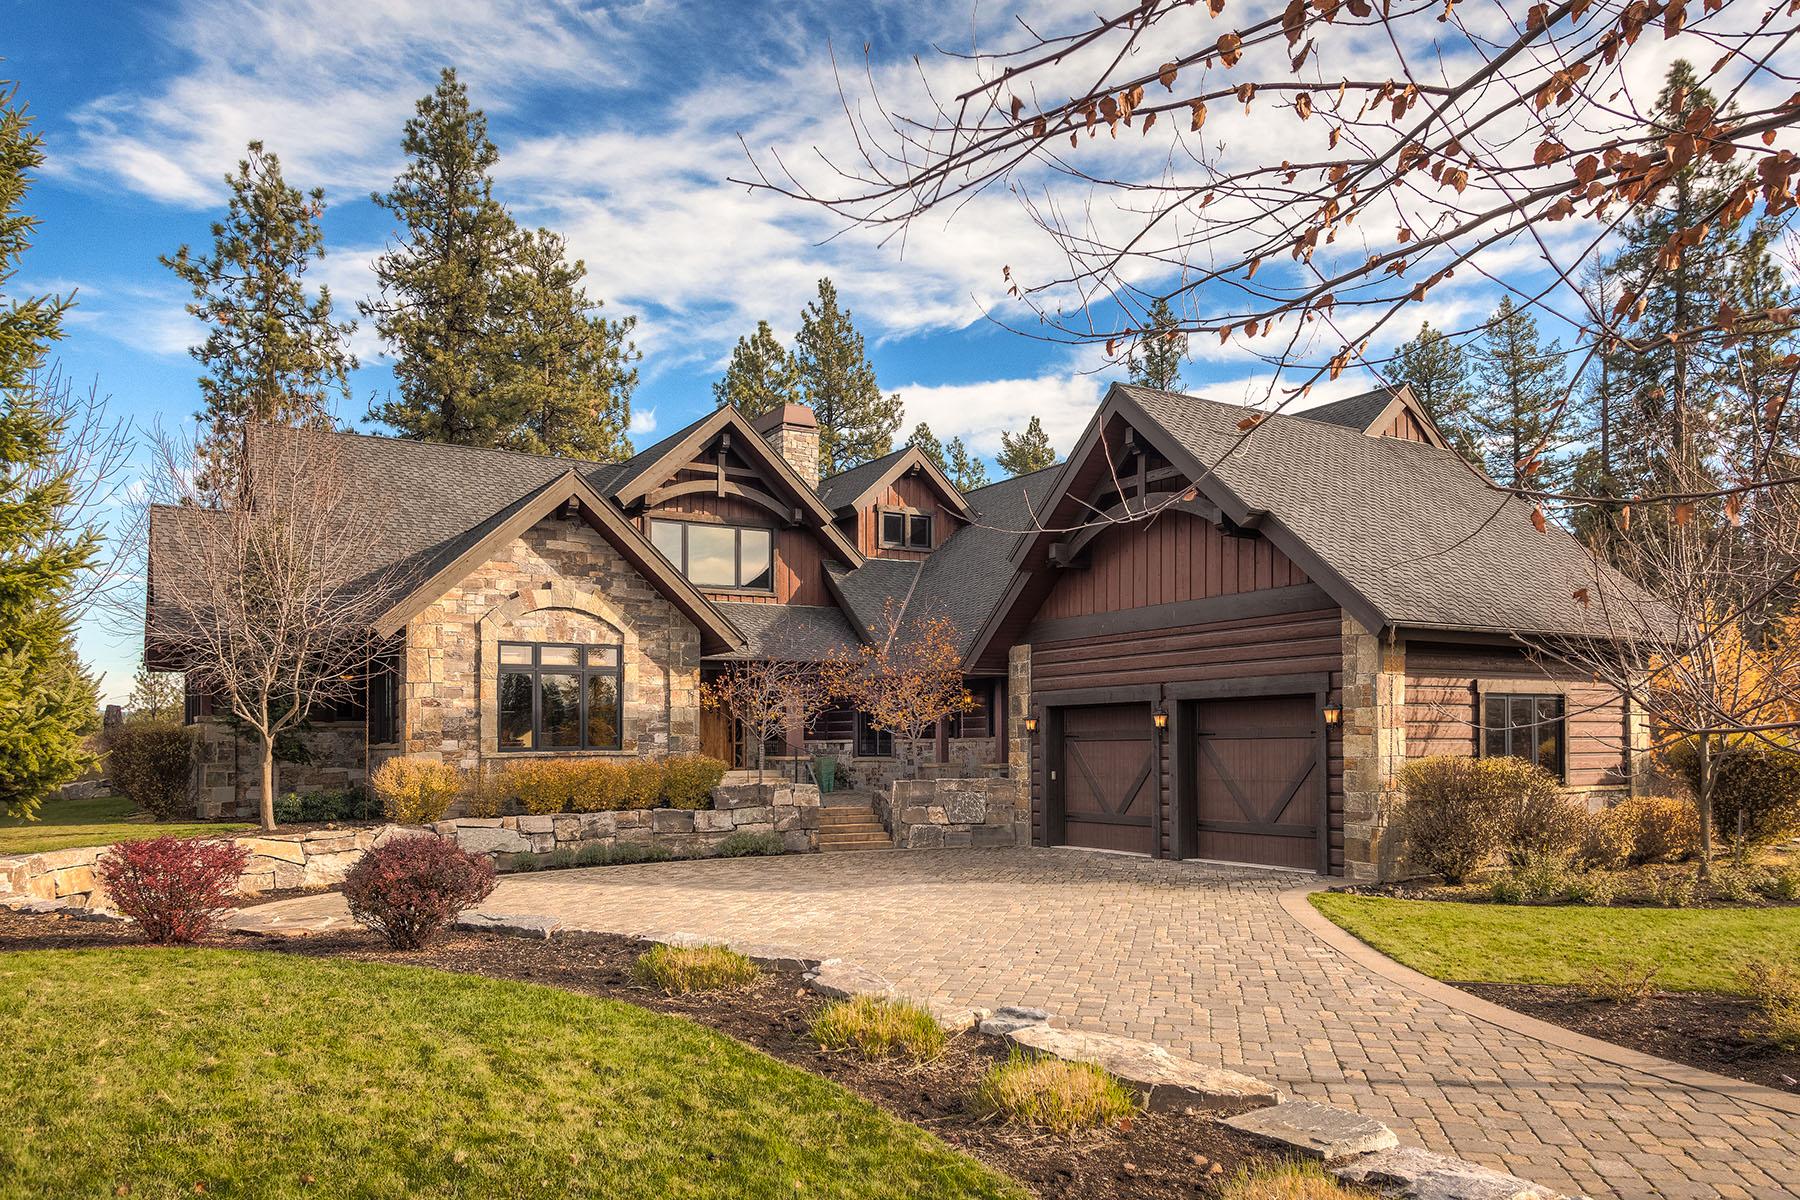 Частный односемейный дом для того Продажа на Exquisite Gozzer Ranch Estate 6372 S Old Barn Rd Harrison, Айдахо 83833 Соединенные Штаты